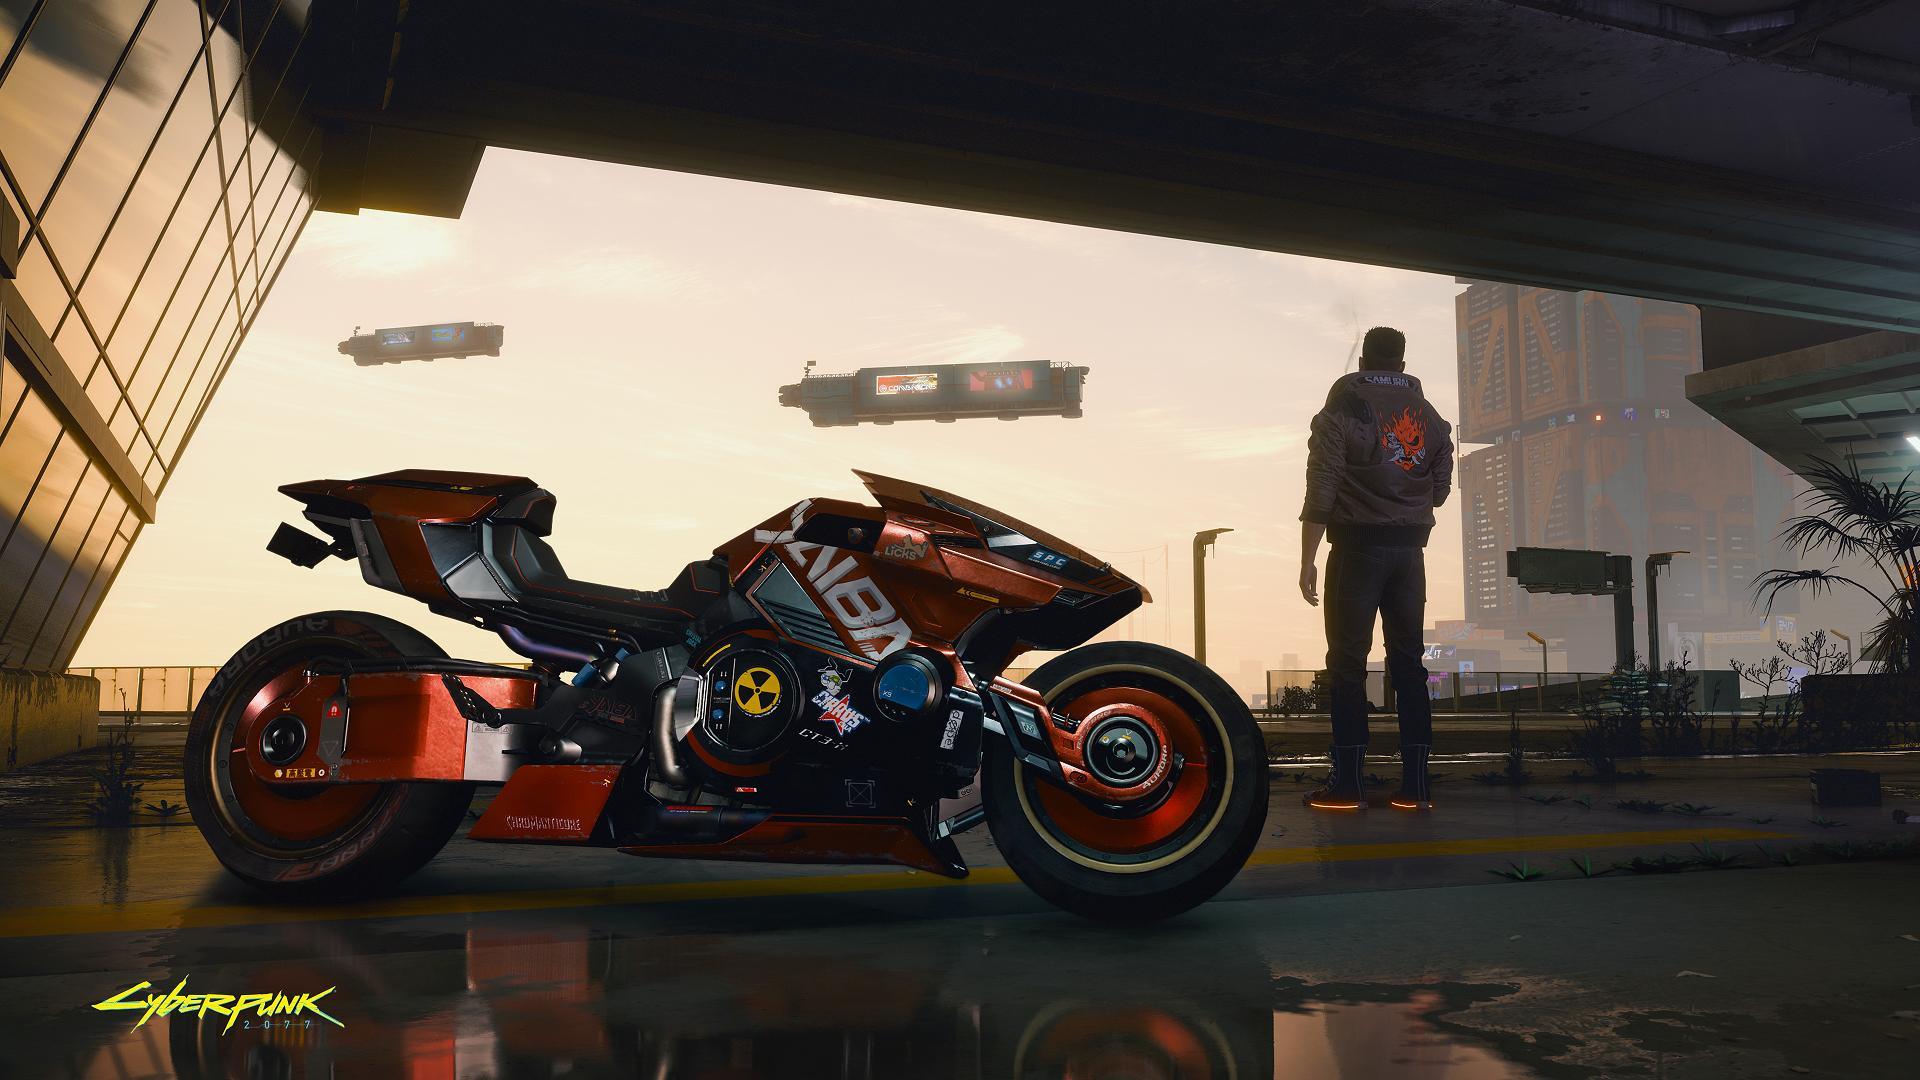 تصویر جدید بازی Cyberpunk 2077 موتور Yaiba Kusanagi را نشان میدهد